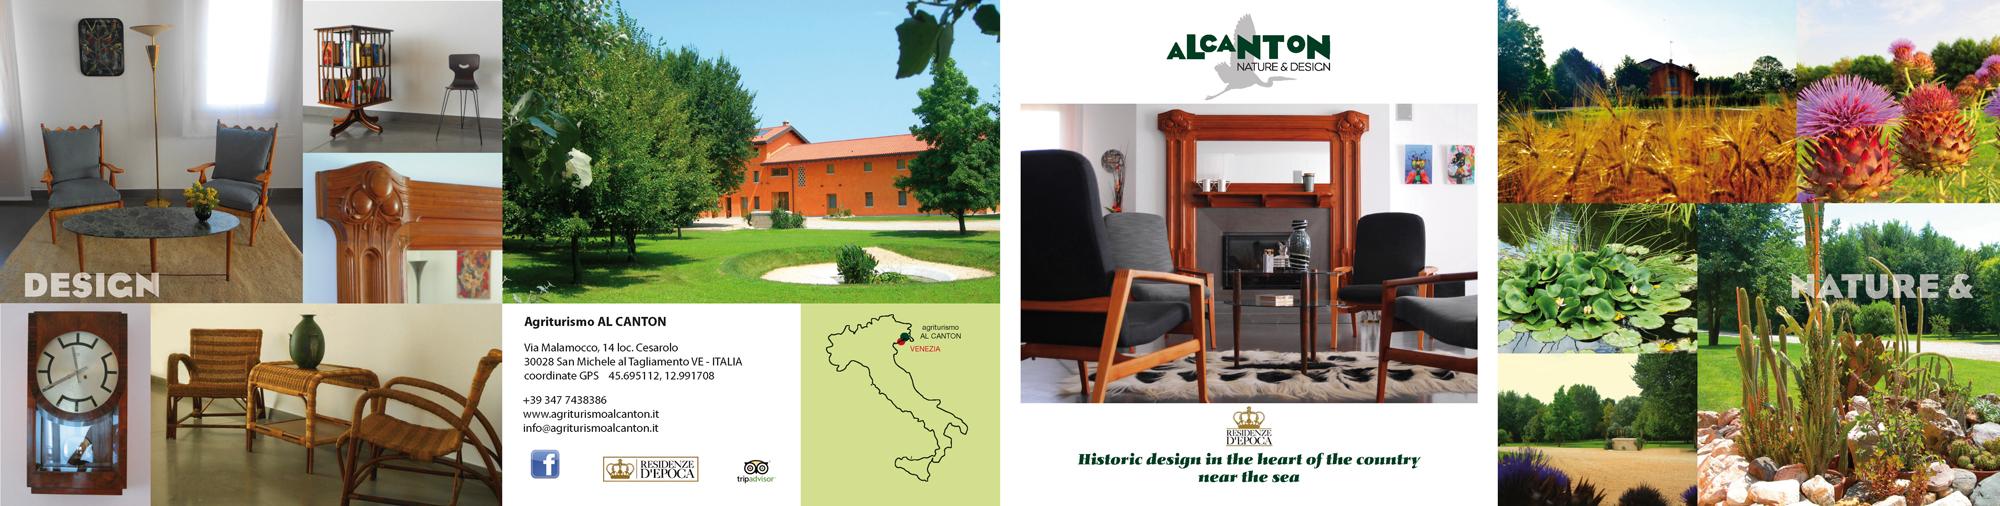 brochure-al-canton_Pagina_1a